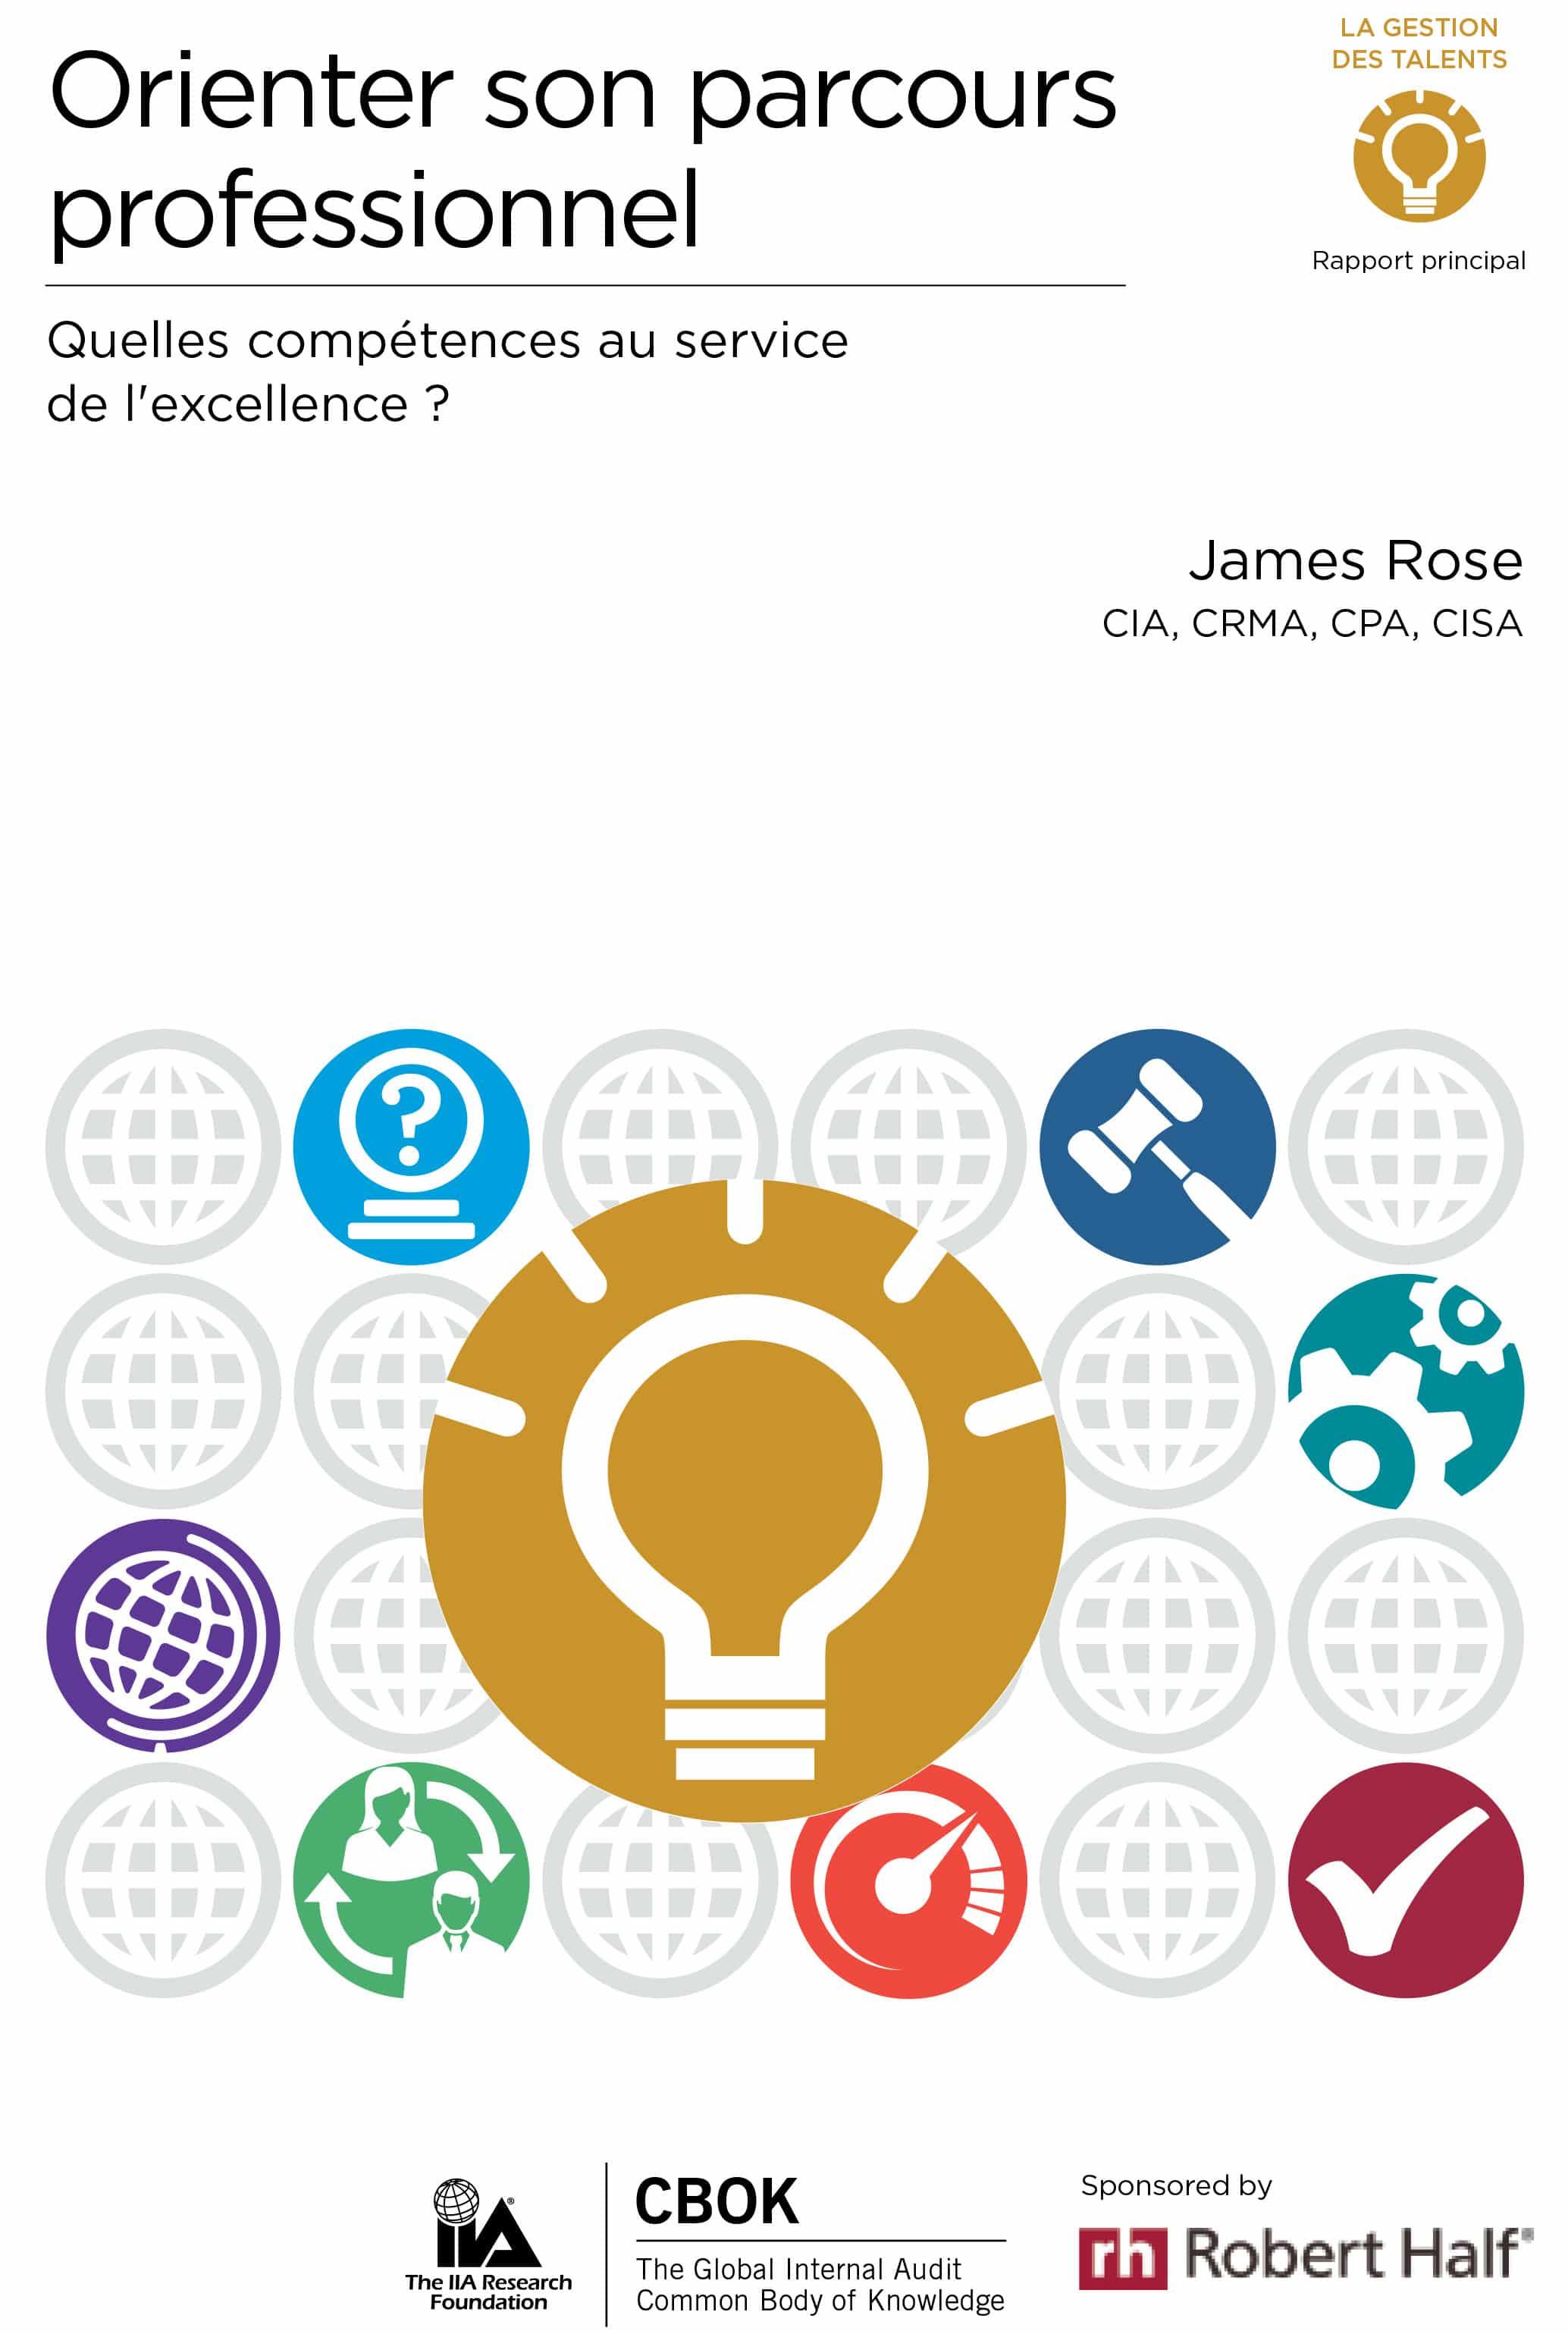 Orienter son parcours professionnel – Quelles compétences au service de l'excellence ?